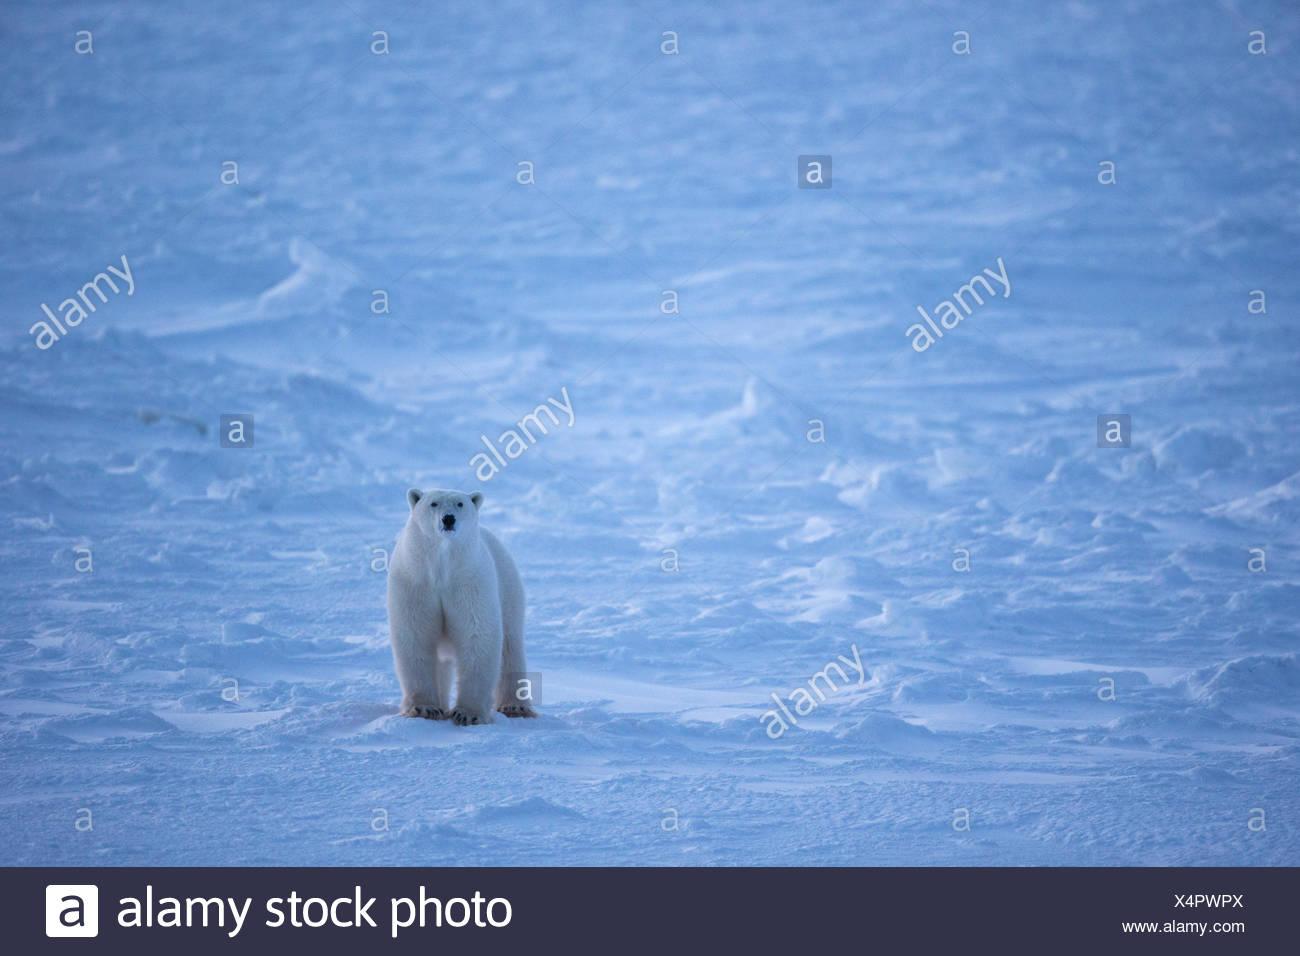 L'ours polaire (Ursus maritimus), Cape Churchill, Parc National de Wapusk, au Manitoba. Banque D'Images